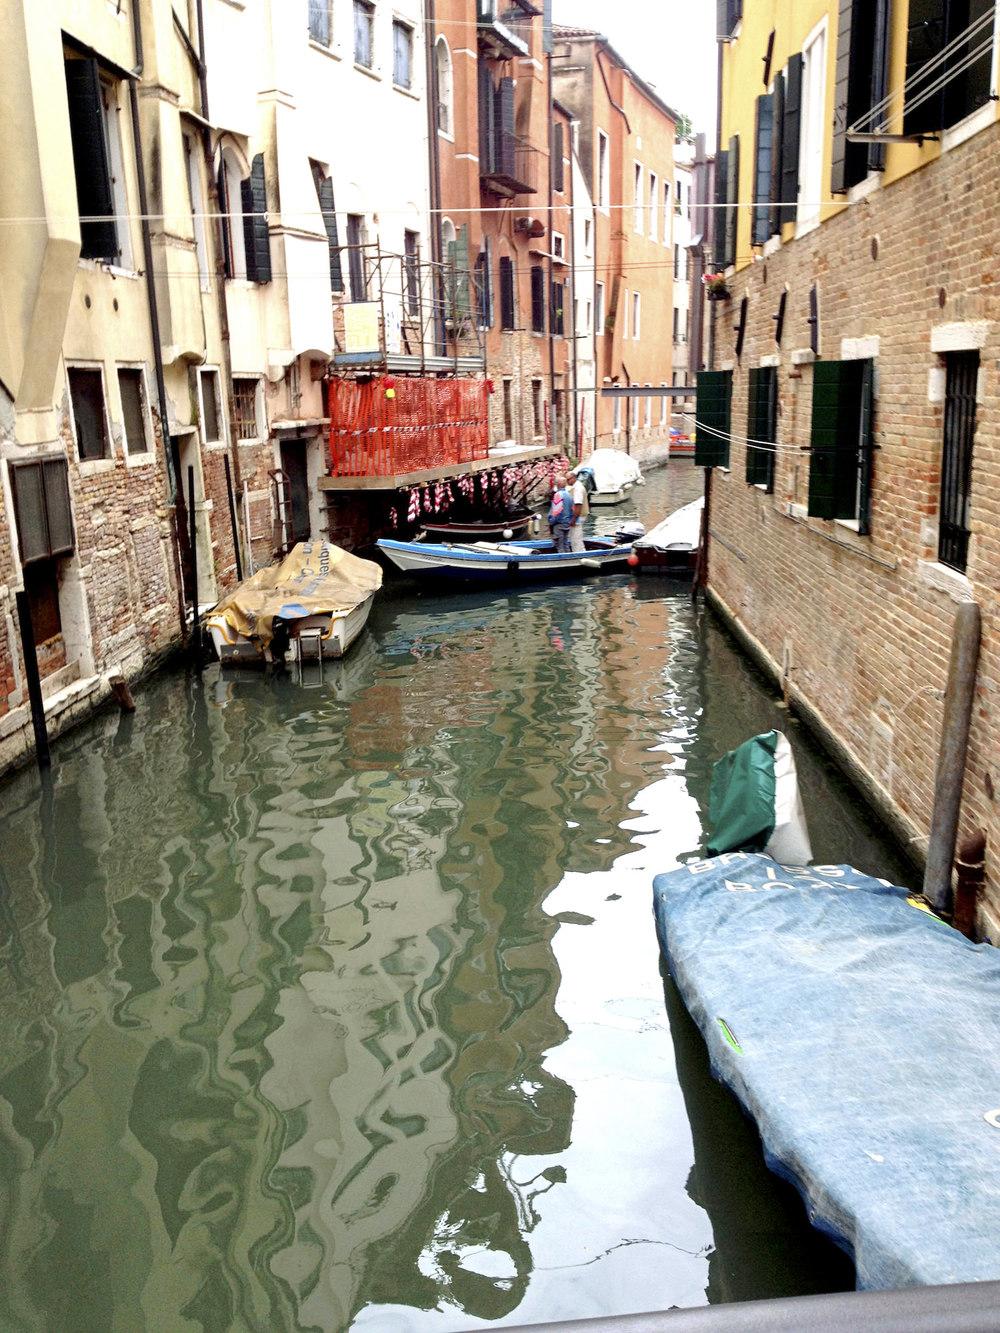 Summer 2013 in Venice